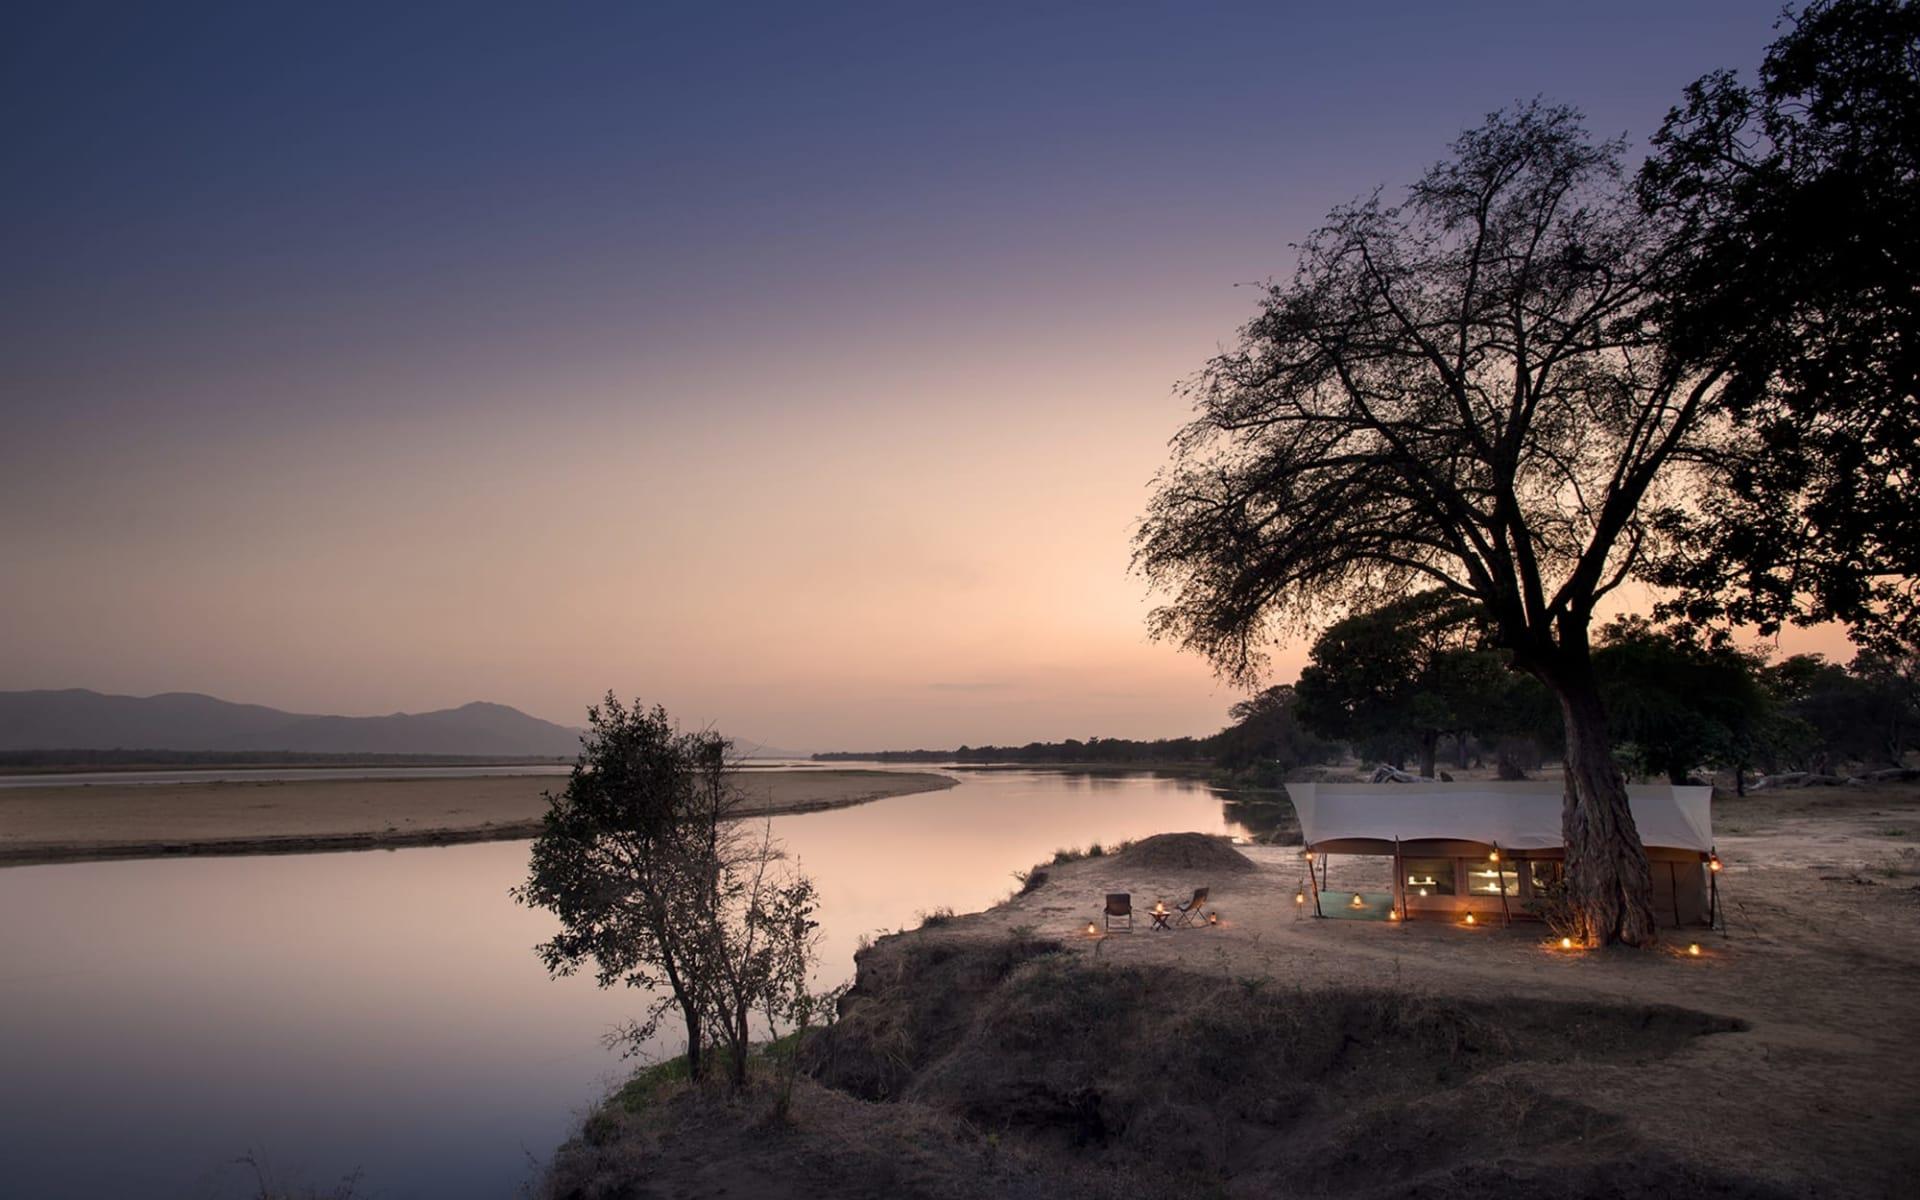 Zambezi Expeditions Camp in Mana Pools Nationalpark: Zambezi Expeditions_ ze_004